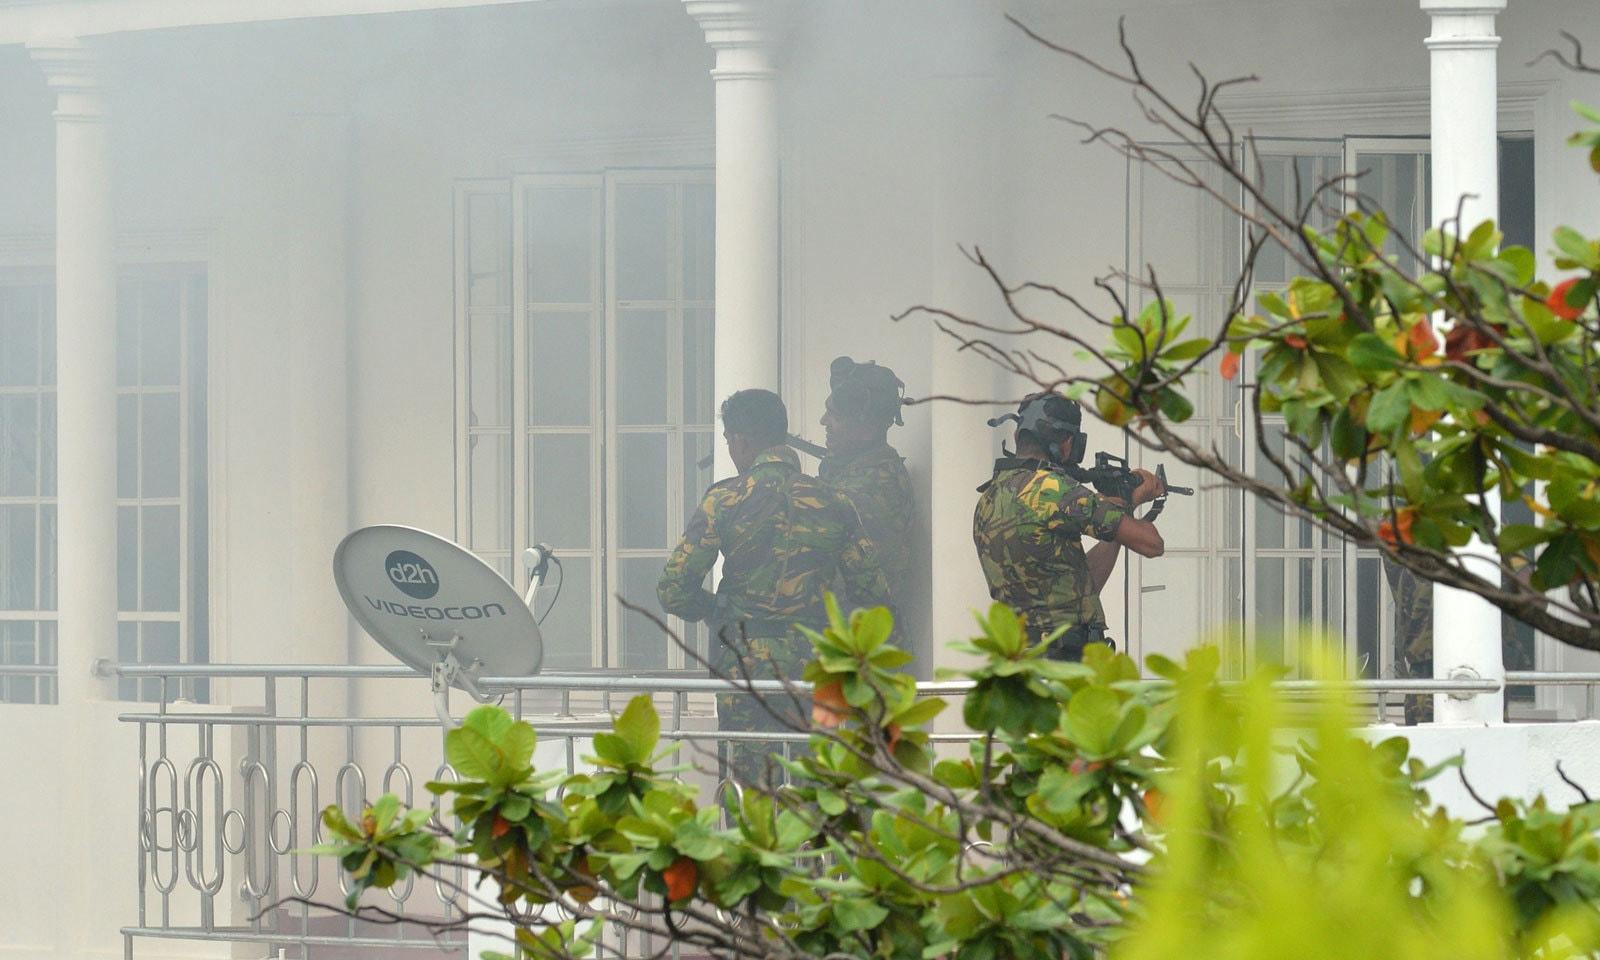 سری لنکا میں مختصر وقت کے لیے کرفیو نافذ کردیا گیا ہے — فوٹو: اے ایف پی